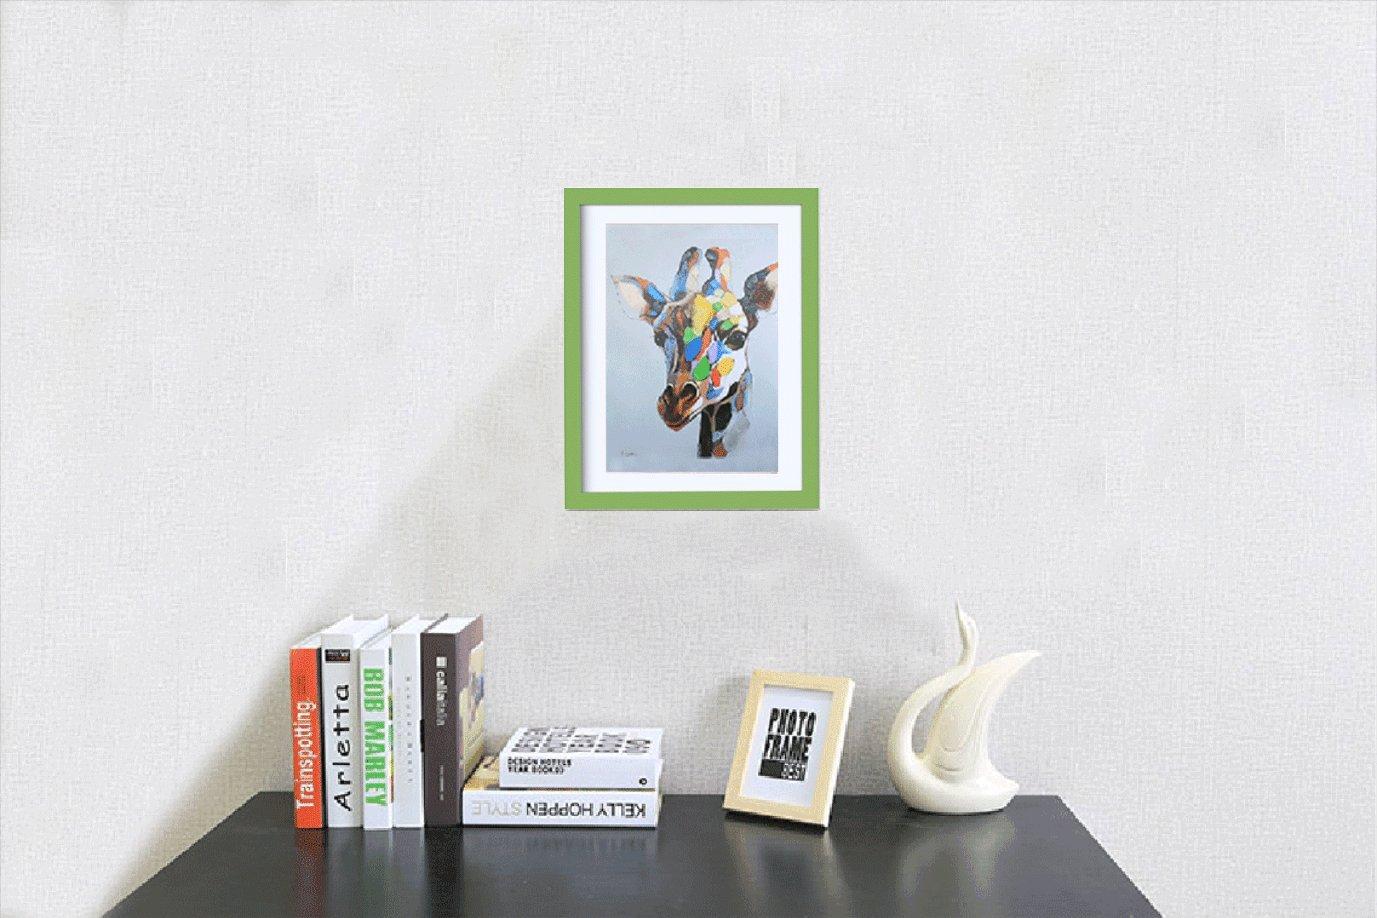 DIN A4 Bilderrahmen BOJIN Fotorahmen Zum Aufstellen 15 x 20 cm (mit ...